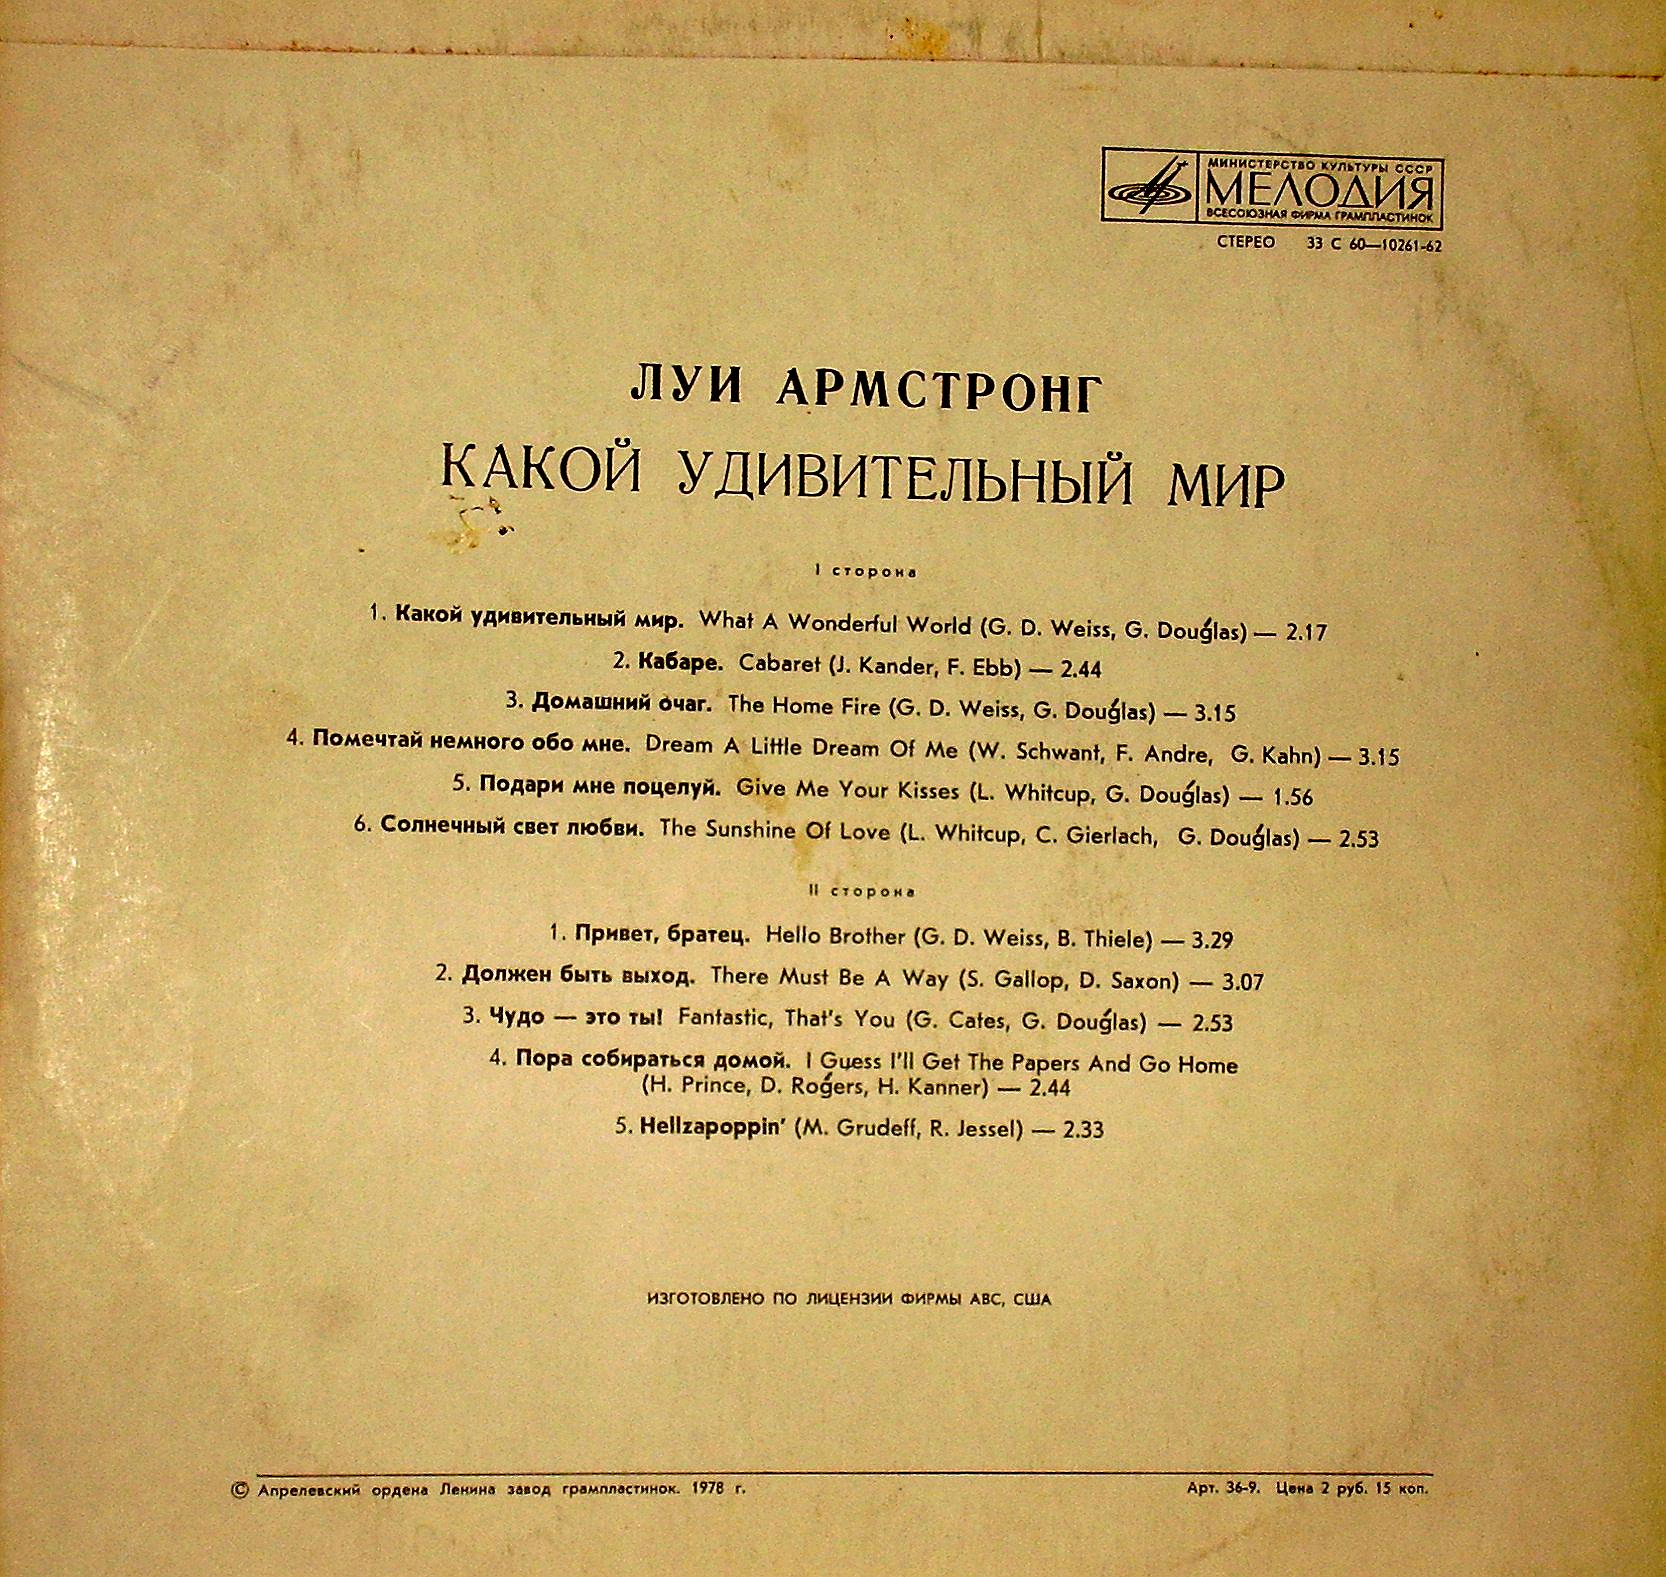 тыл-оригинал амстронг-1978